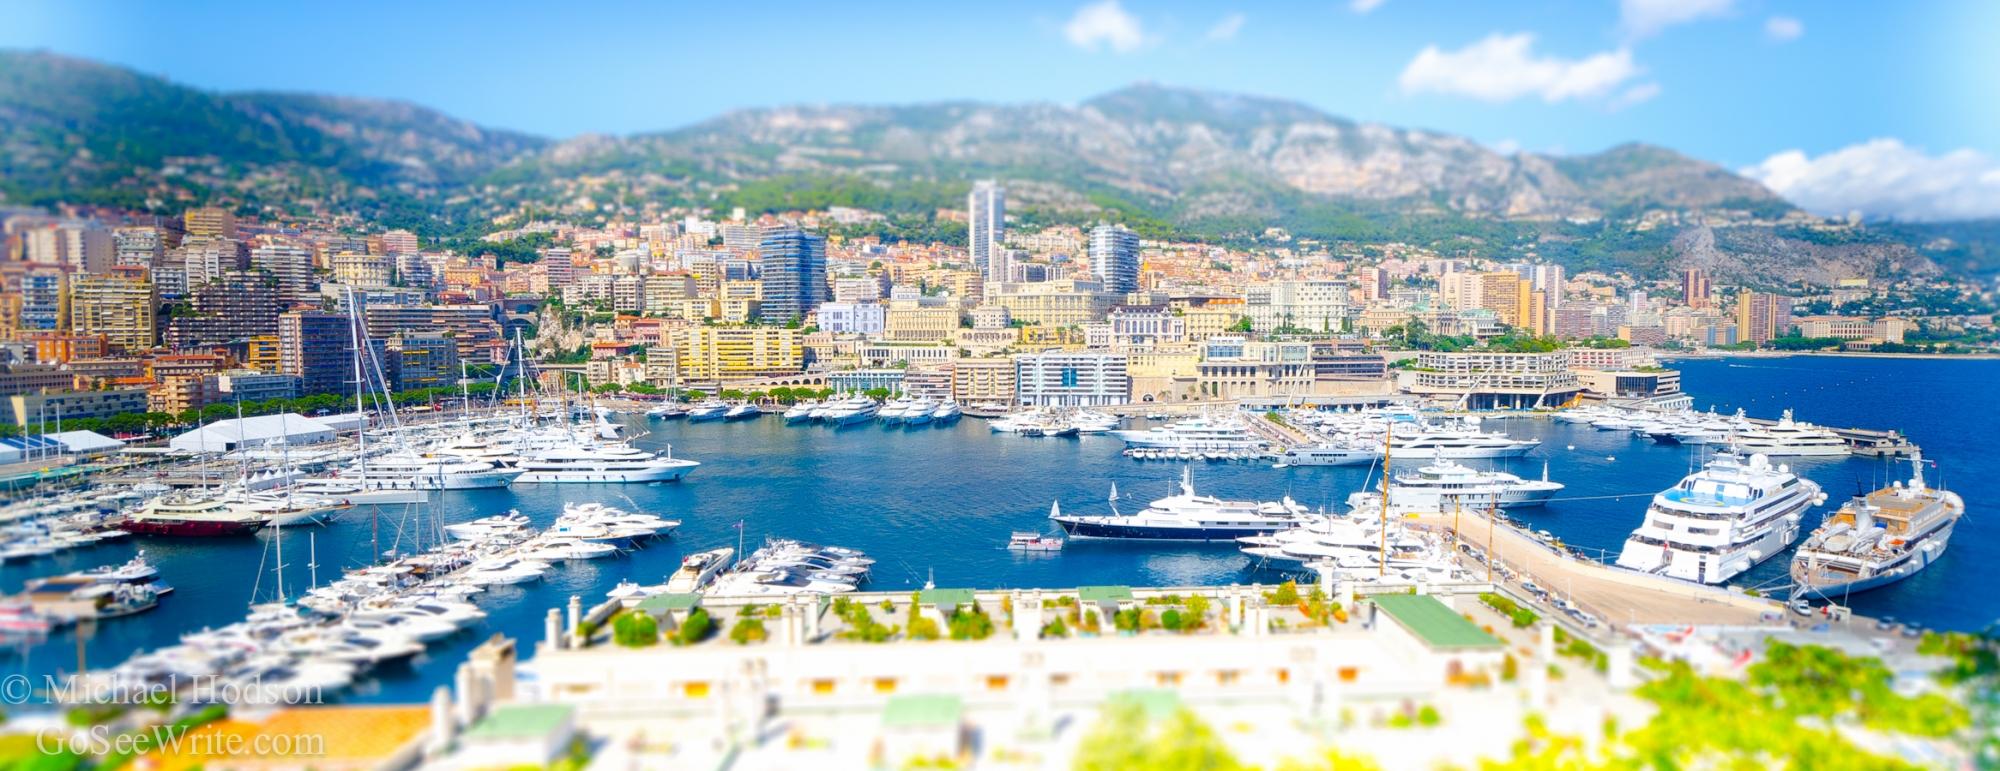 Ngày cuối tuần du lịch cùng giới thượng lưu ở Monaco